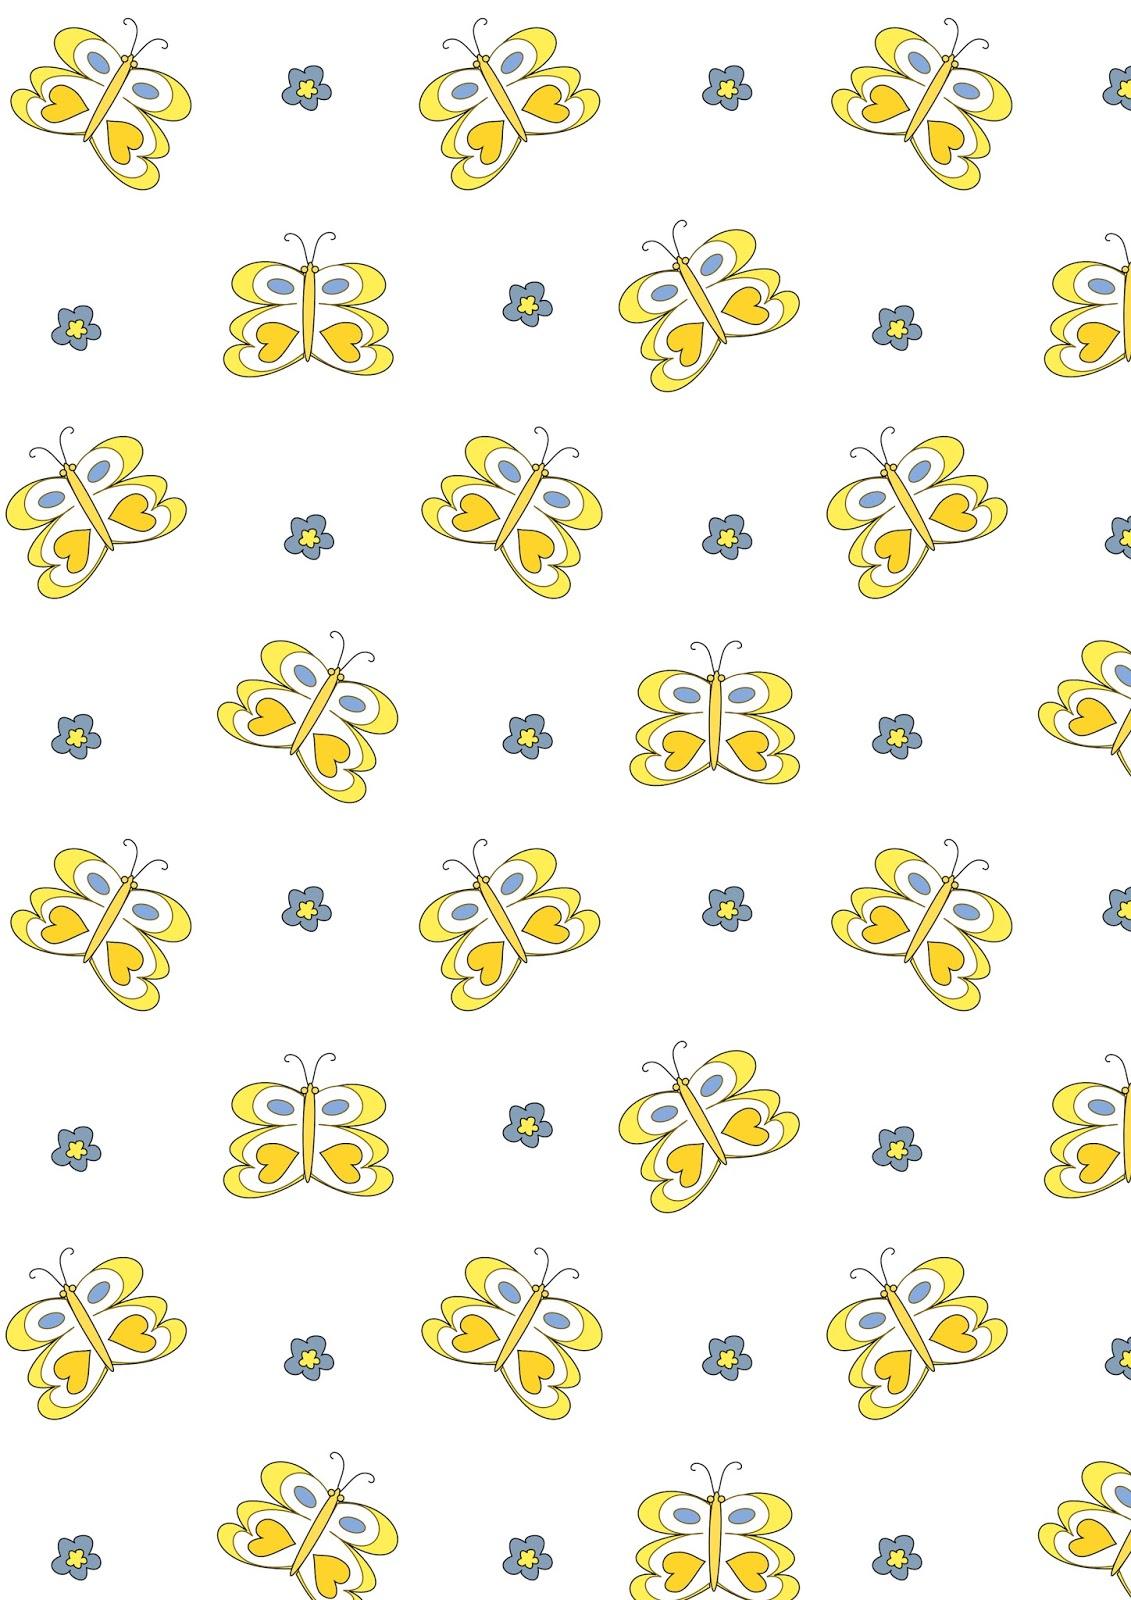 http://1.bp.blogspot.com/-AnzeiwTBFyg/VSa_957ZQzI/AAAAAAAAii0/-R8pw_qWb8k/s1600/butterfly_paper_A4.jpg